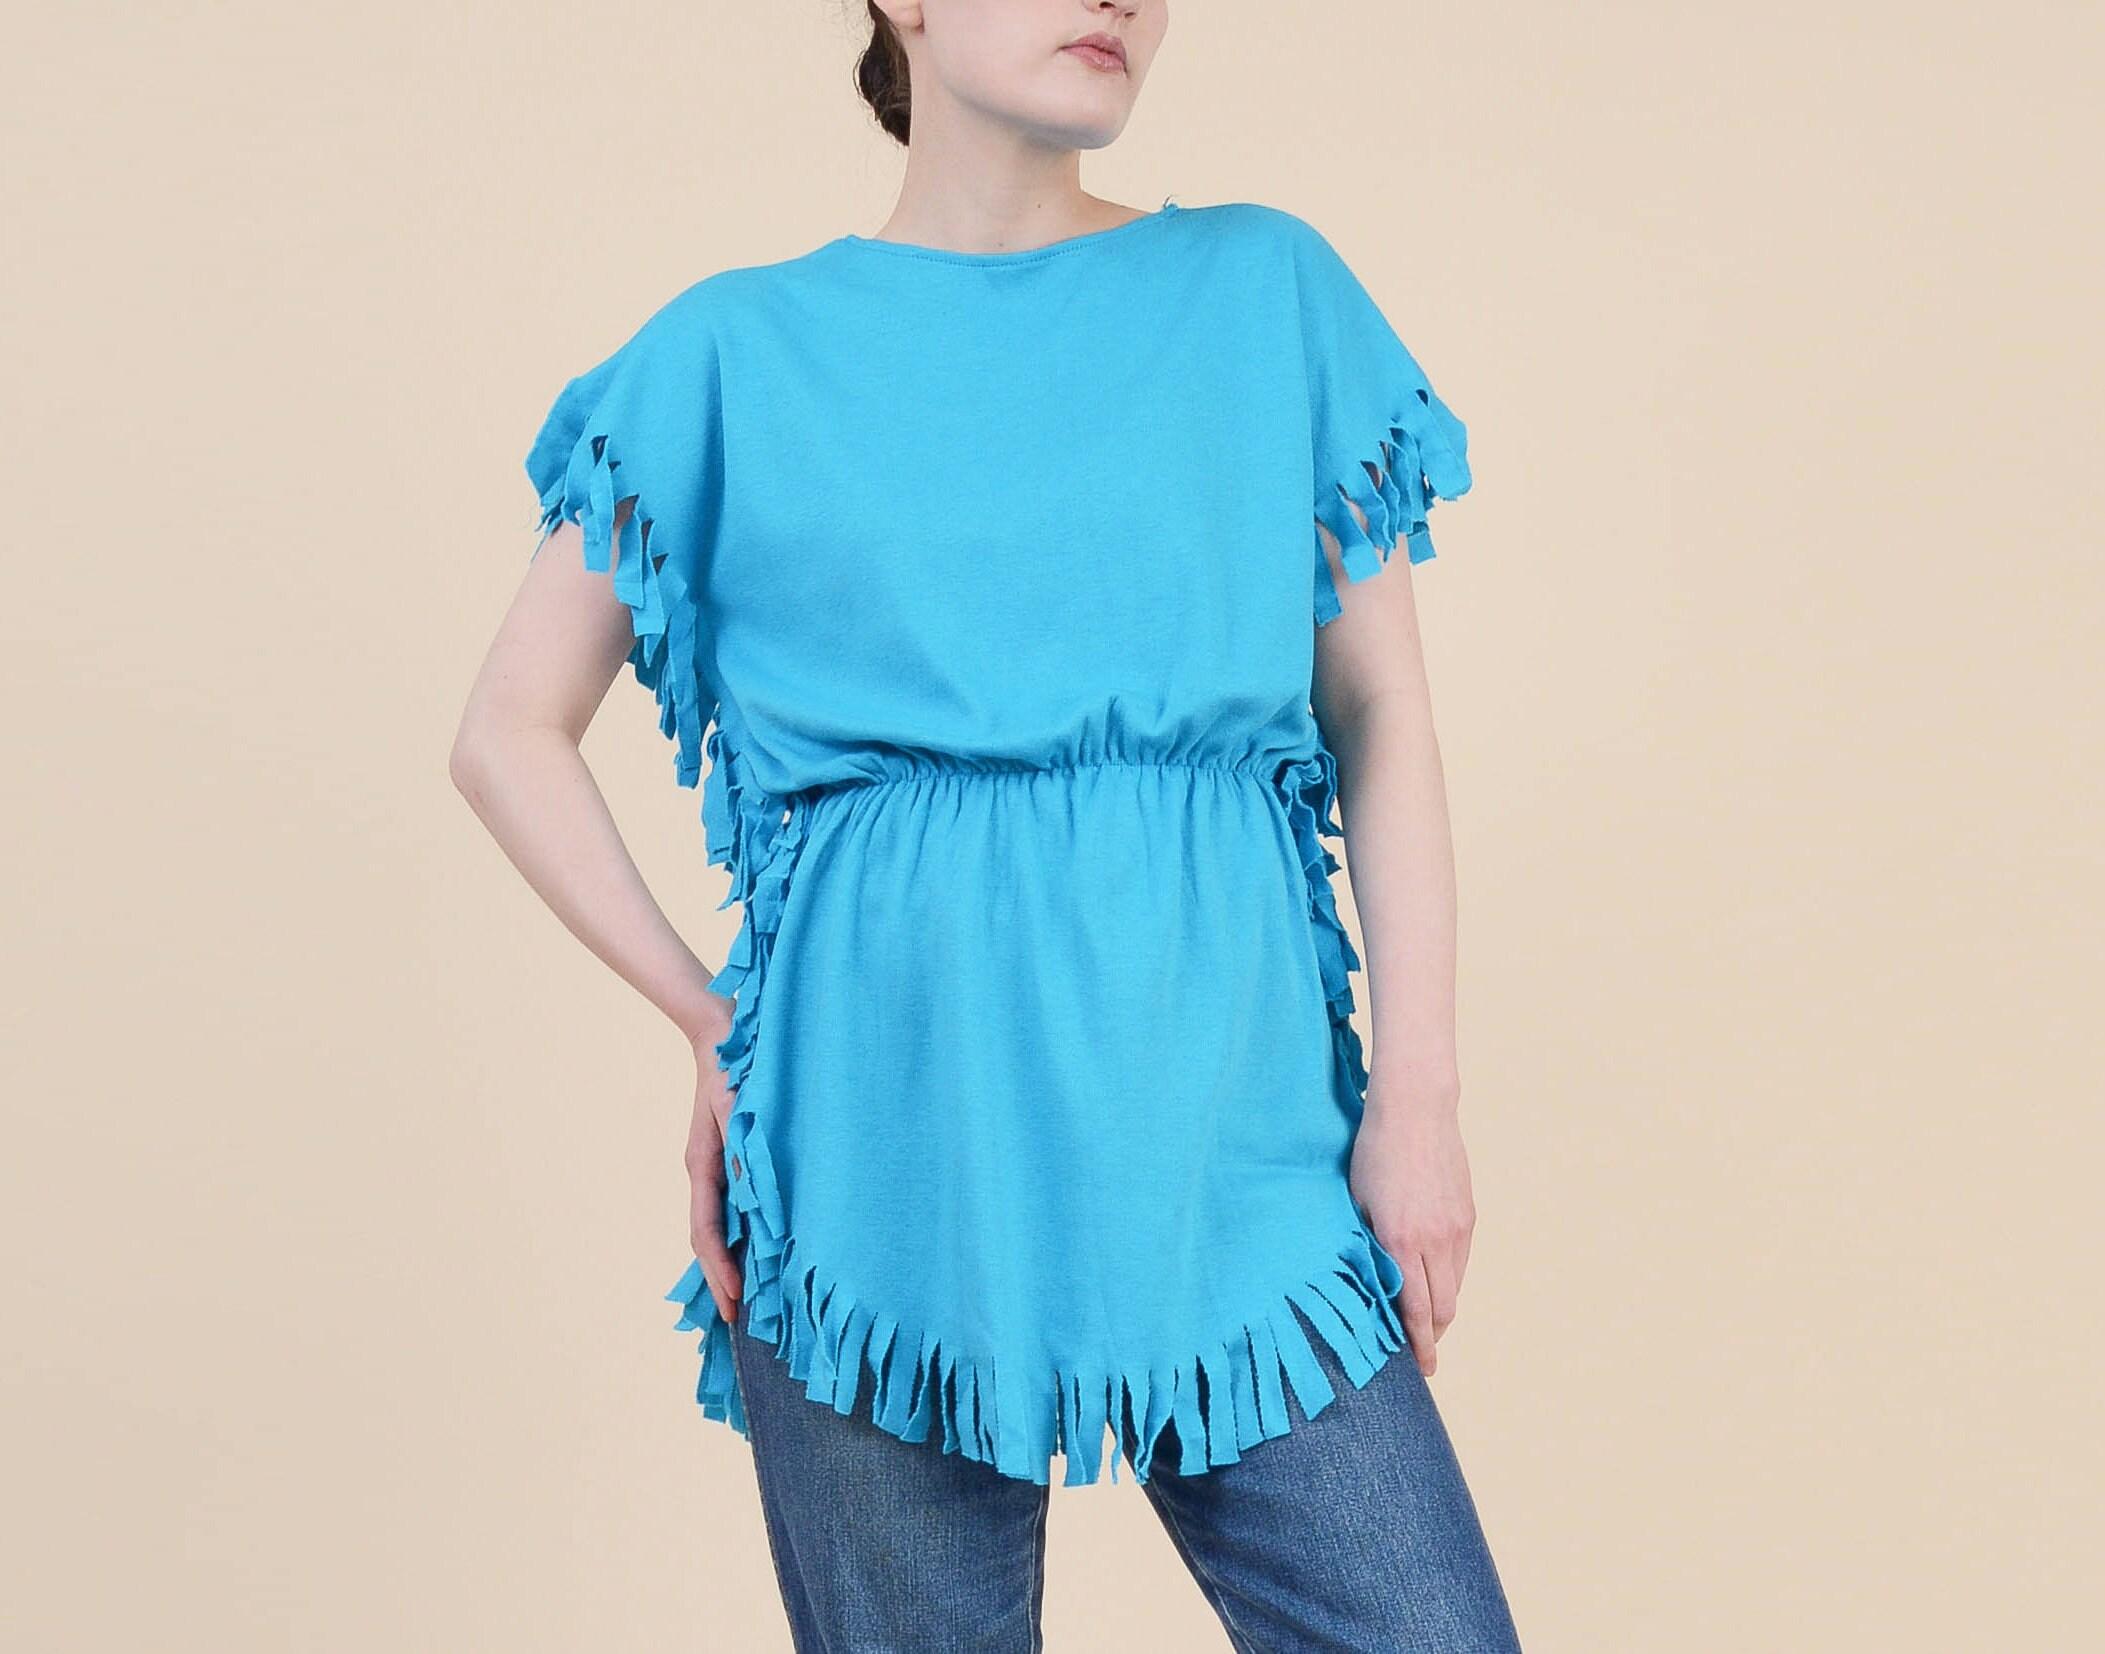 1f767ae925128 80s Bright Blue T-shirt size S M Boho Hippie Fringe Tunic | Etsy